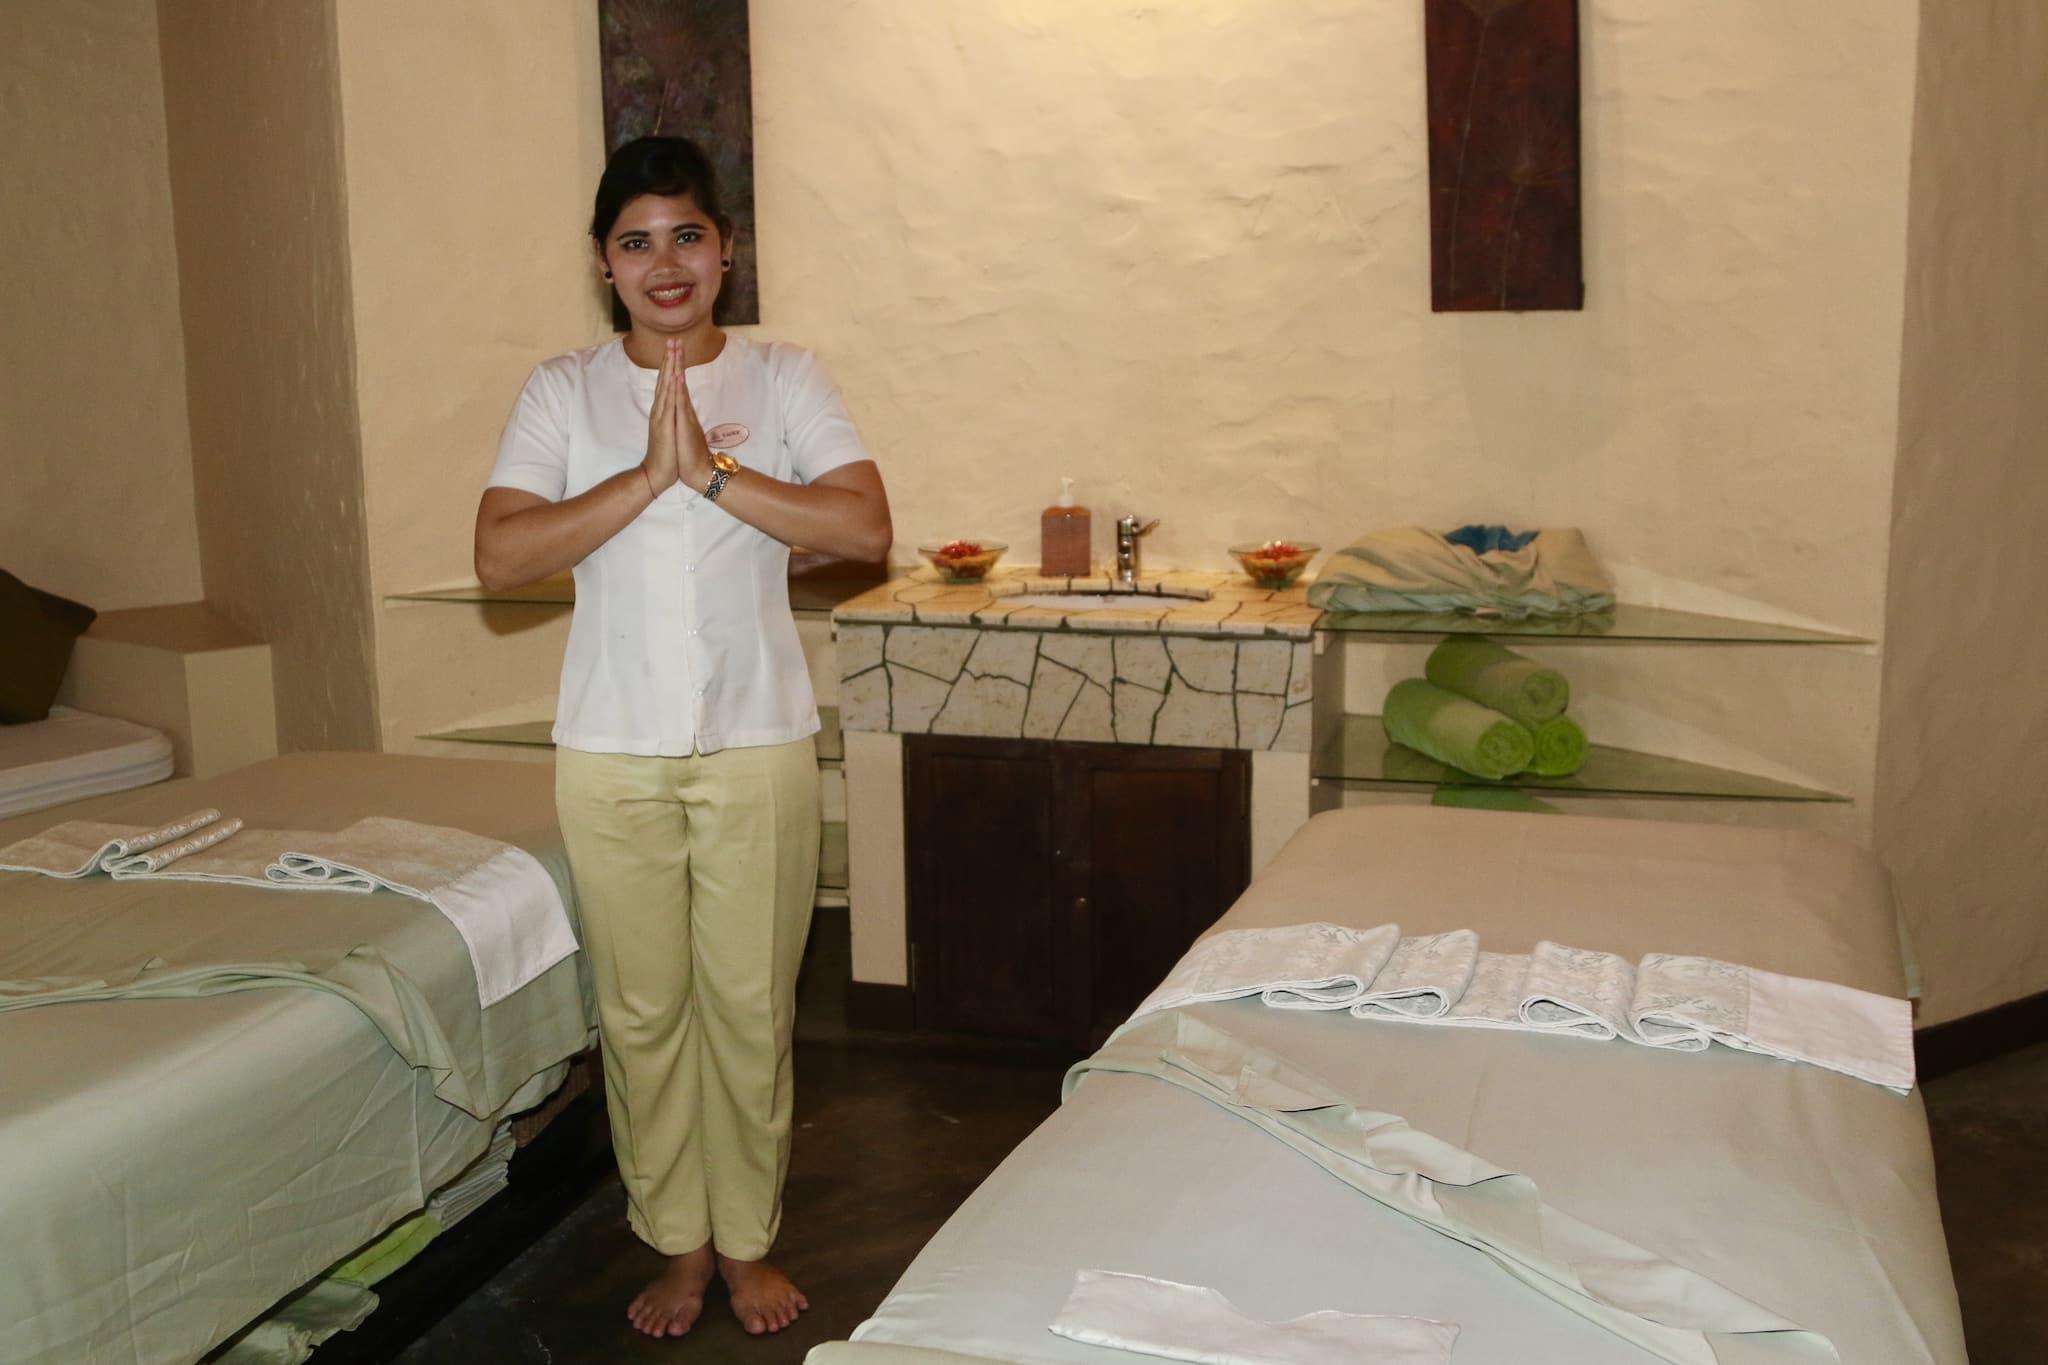 Erholgsfaktor deluxe: Auf den Resortinseln gibt es oftmals Wellness-Center, in denen Massagen und Anwendungen angeboten werden. Foto: Sascha Tegtmeyer Reisebericht Malediven Tipps